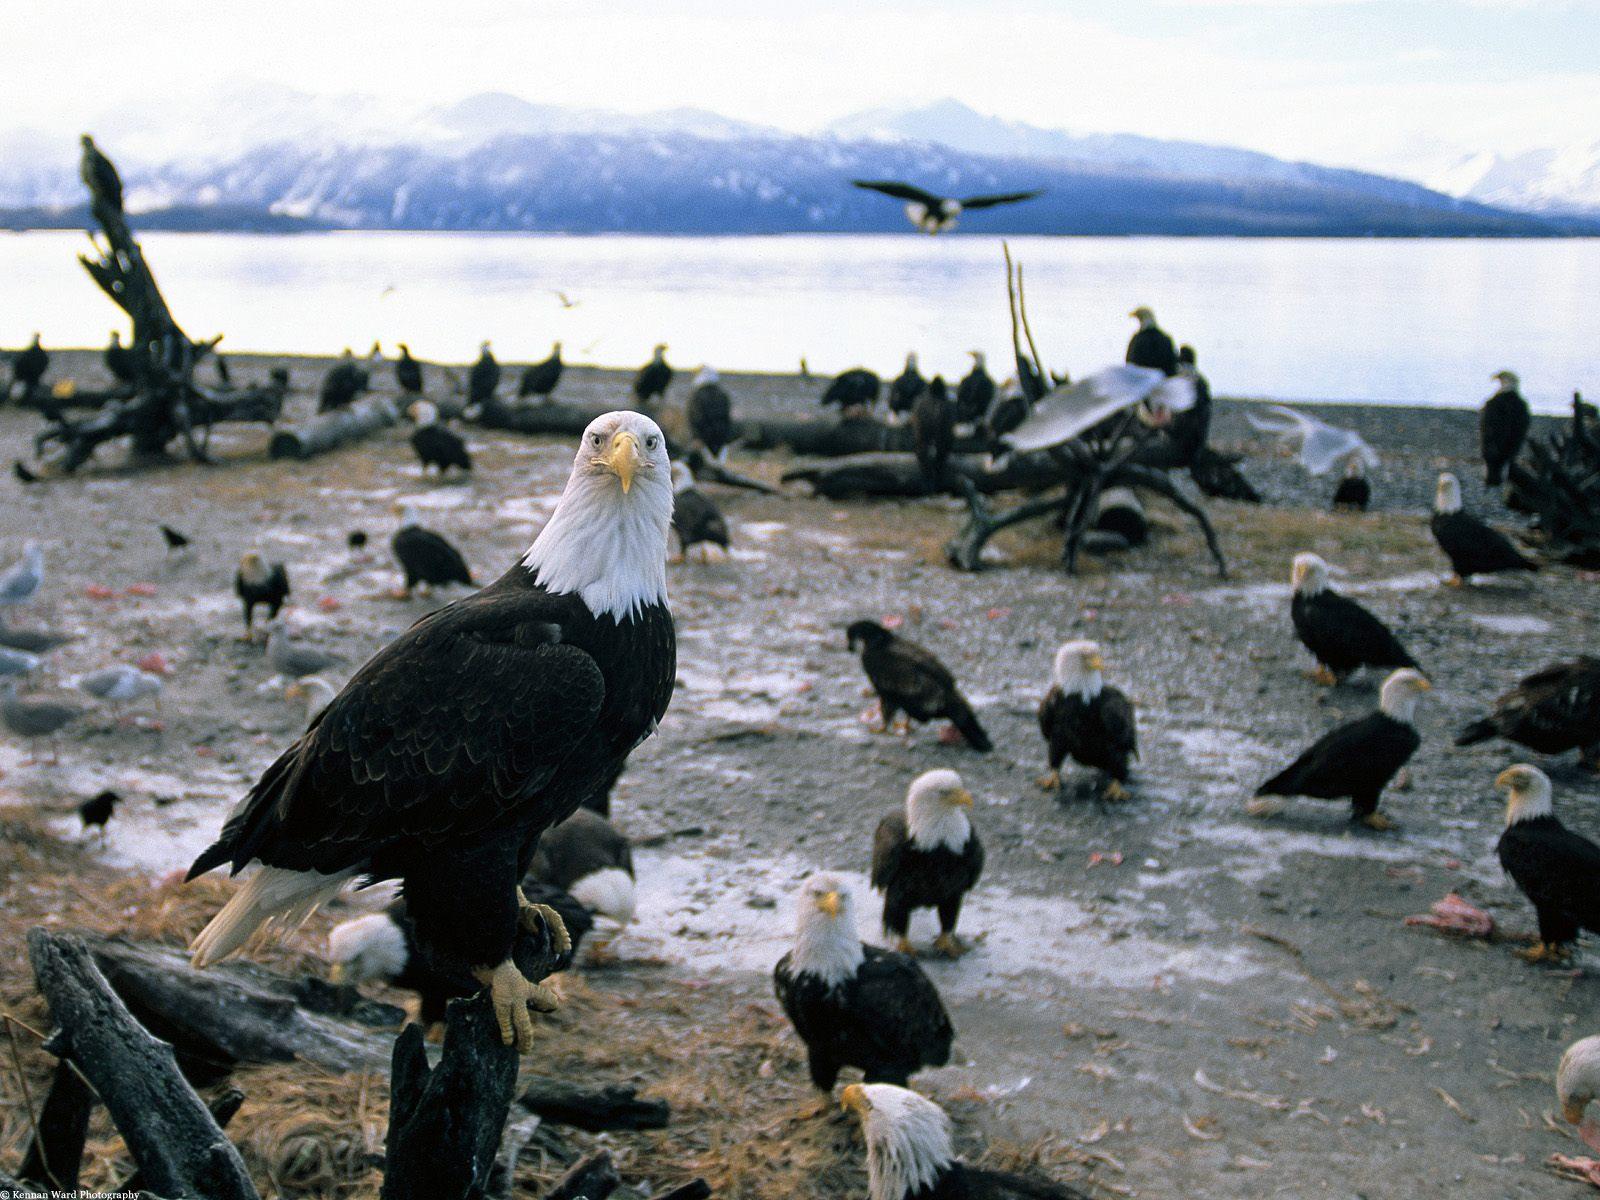 больших птиц с названиями